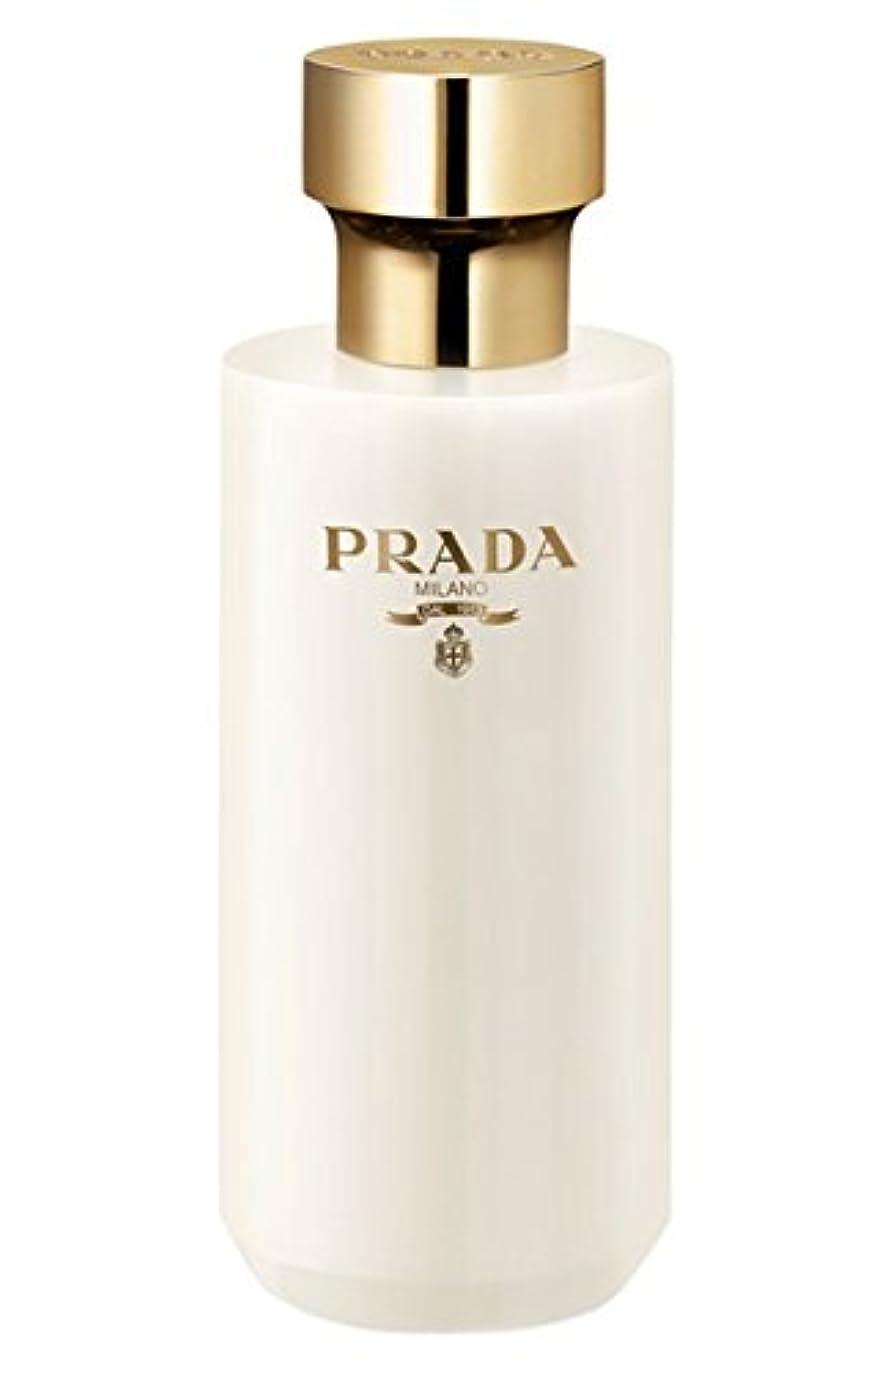 インタフェース残り物コンピューターを使用するLa Femme Prada (ラ フェム プラダ) 6.7 oz (200ml) Shower Cream for Women